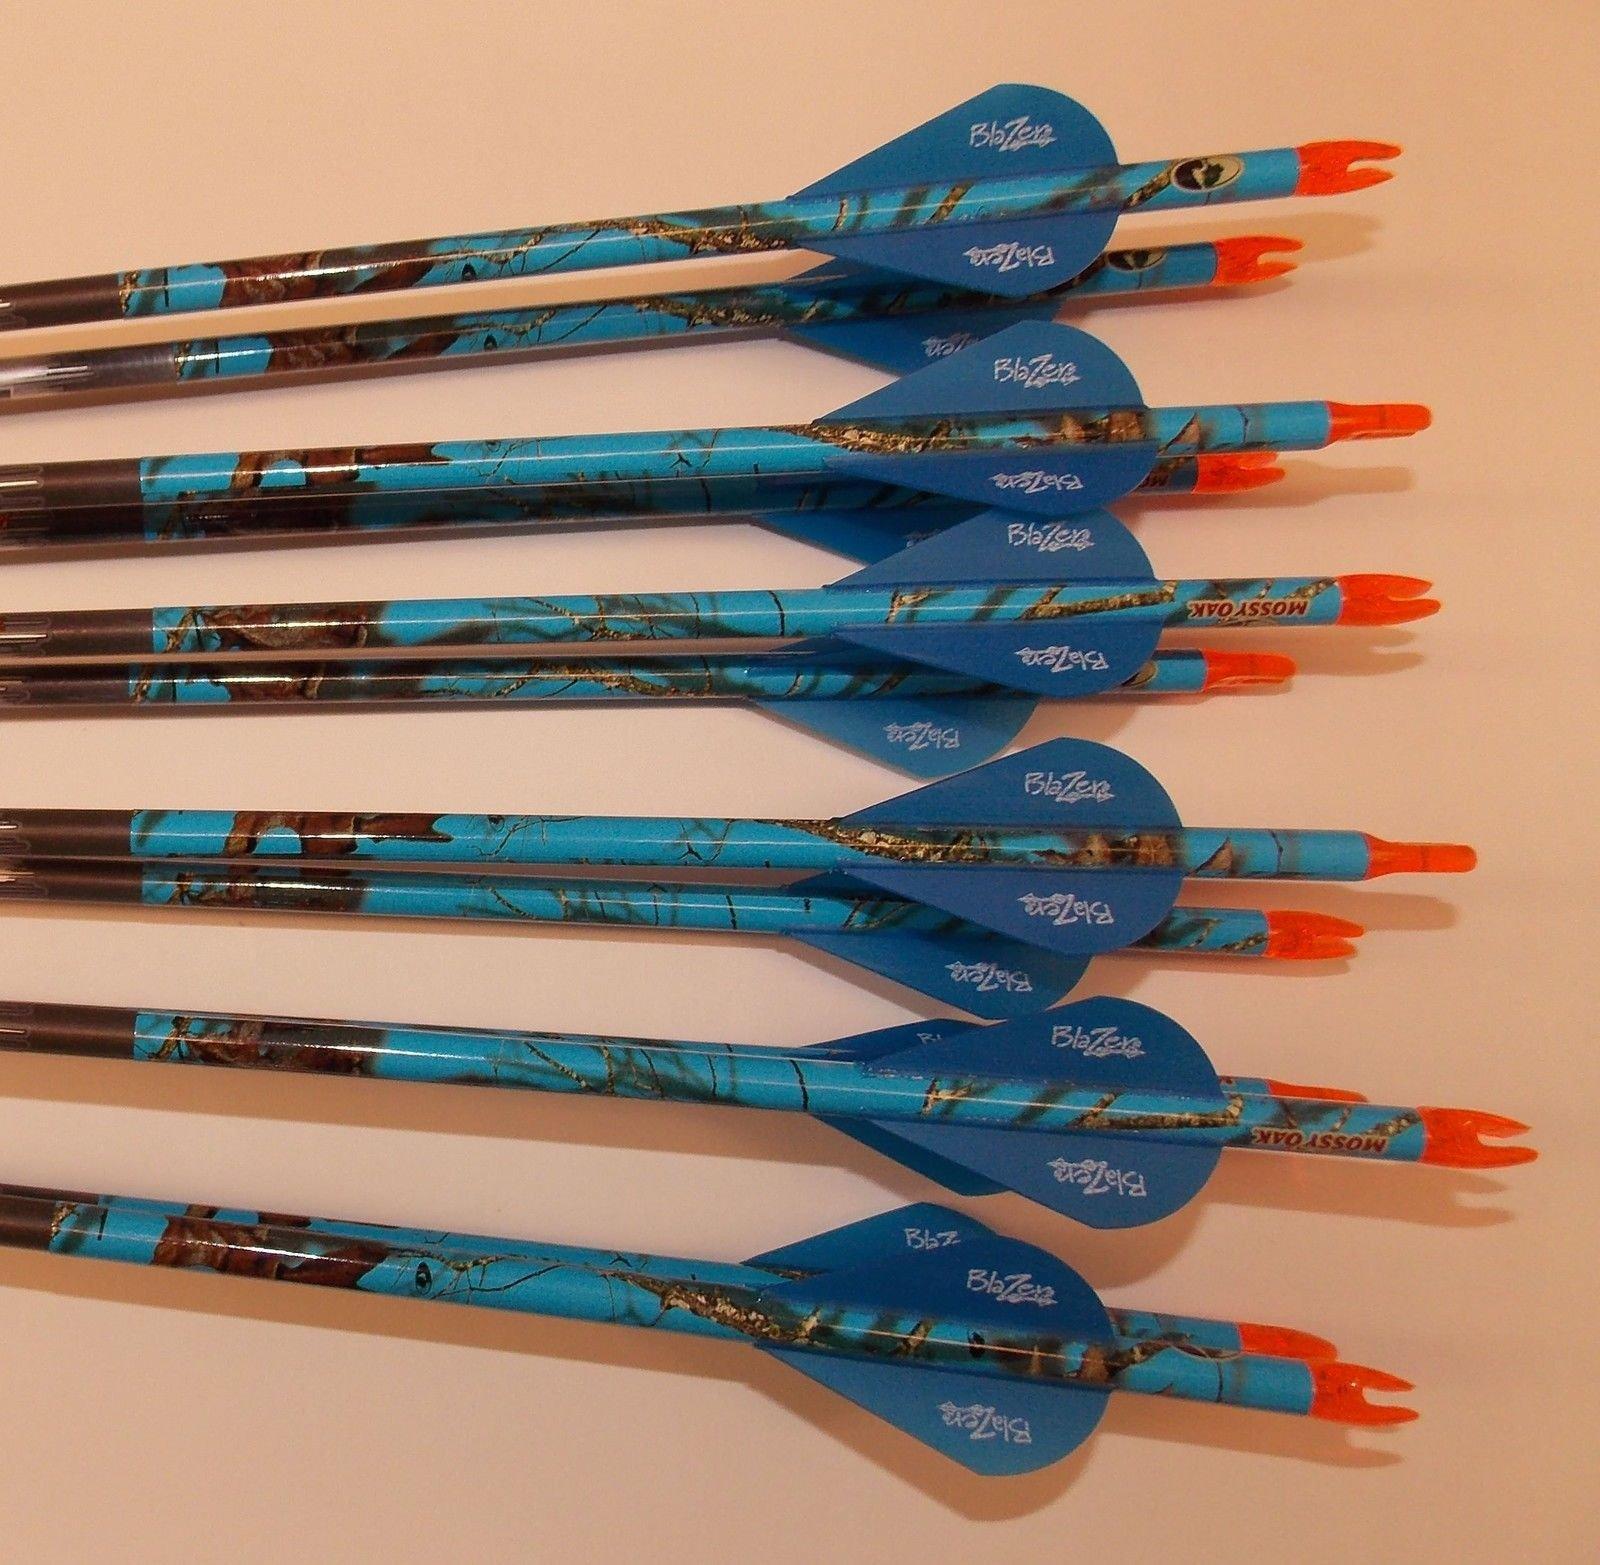 Easton ION 600 Blue Carbon Arrows w/Blazer Vanes Blaze Wraps 1 Dz.